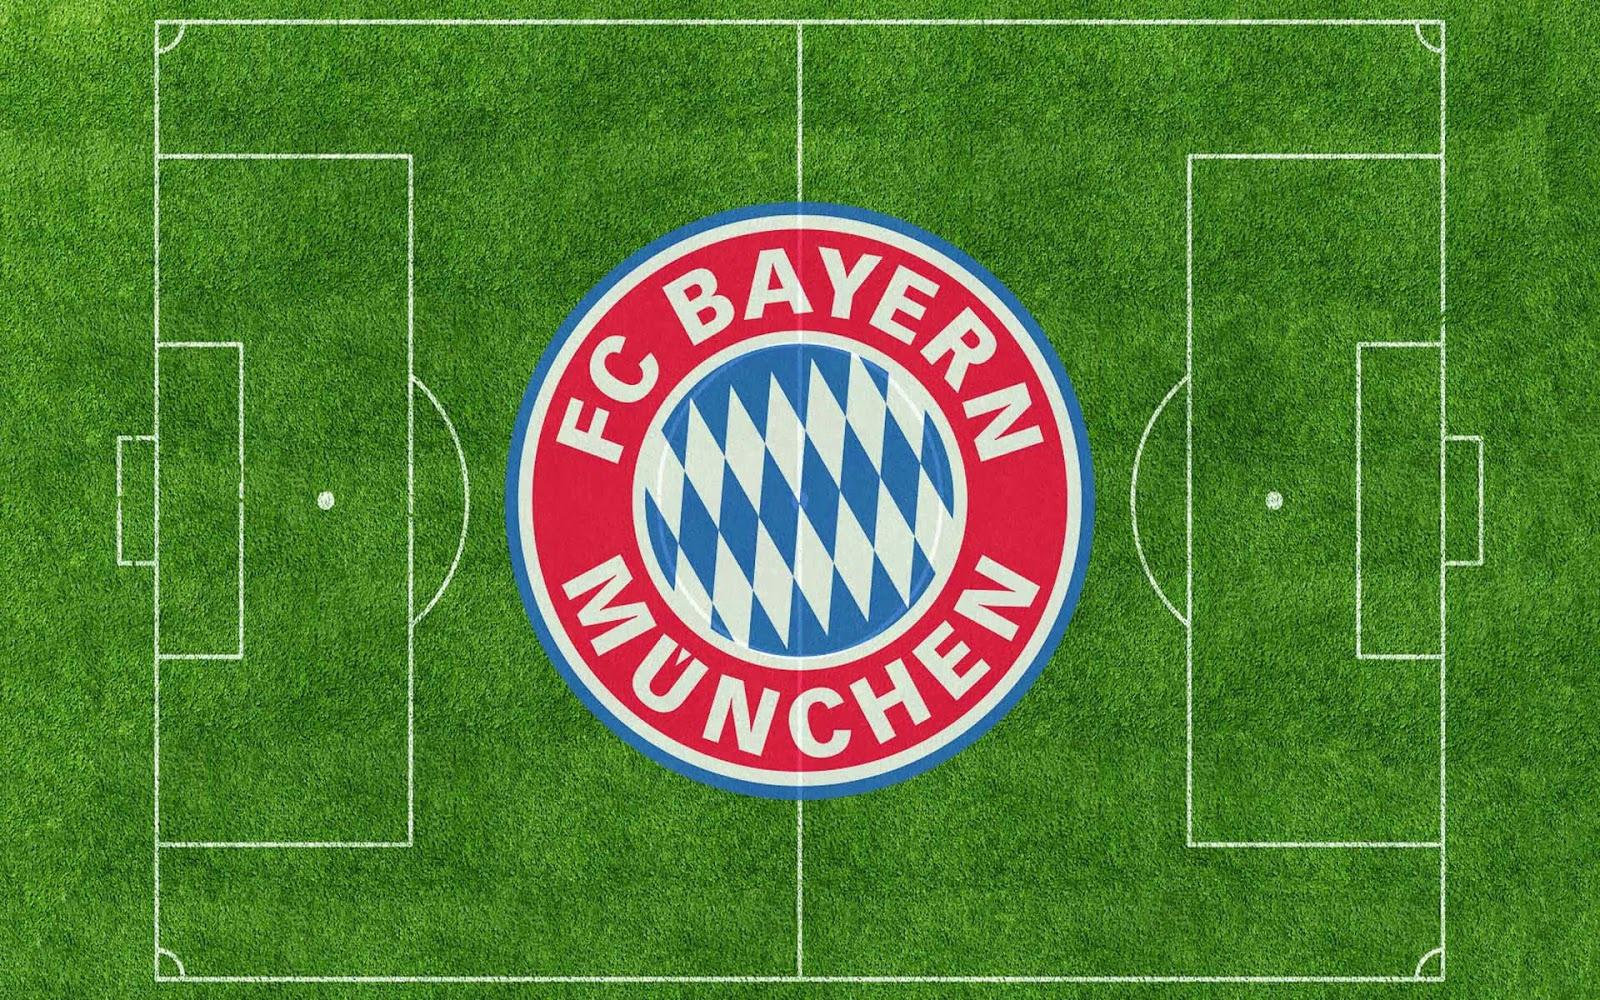 Fc Bayern Logo Zum Ausdrucken Einzigartig Duisburg Germany Elegant Fußball Malvorlagen Ausdrucken Galerie